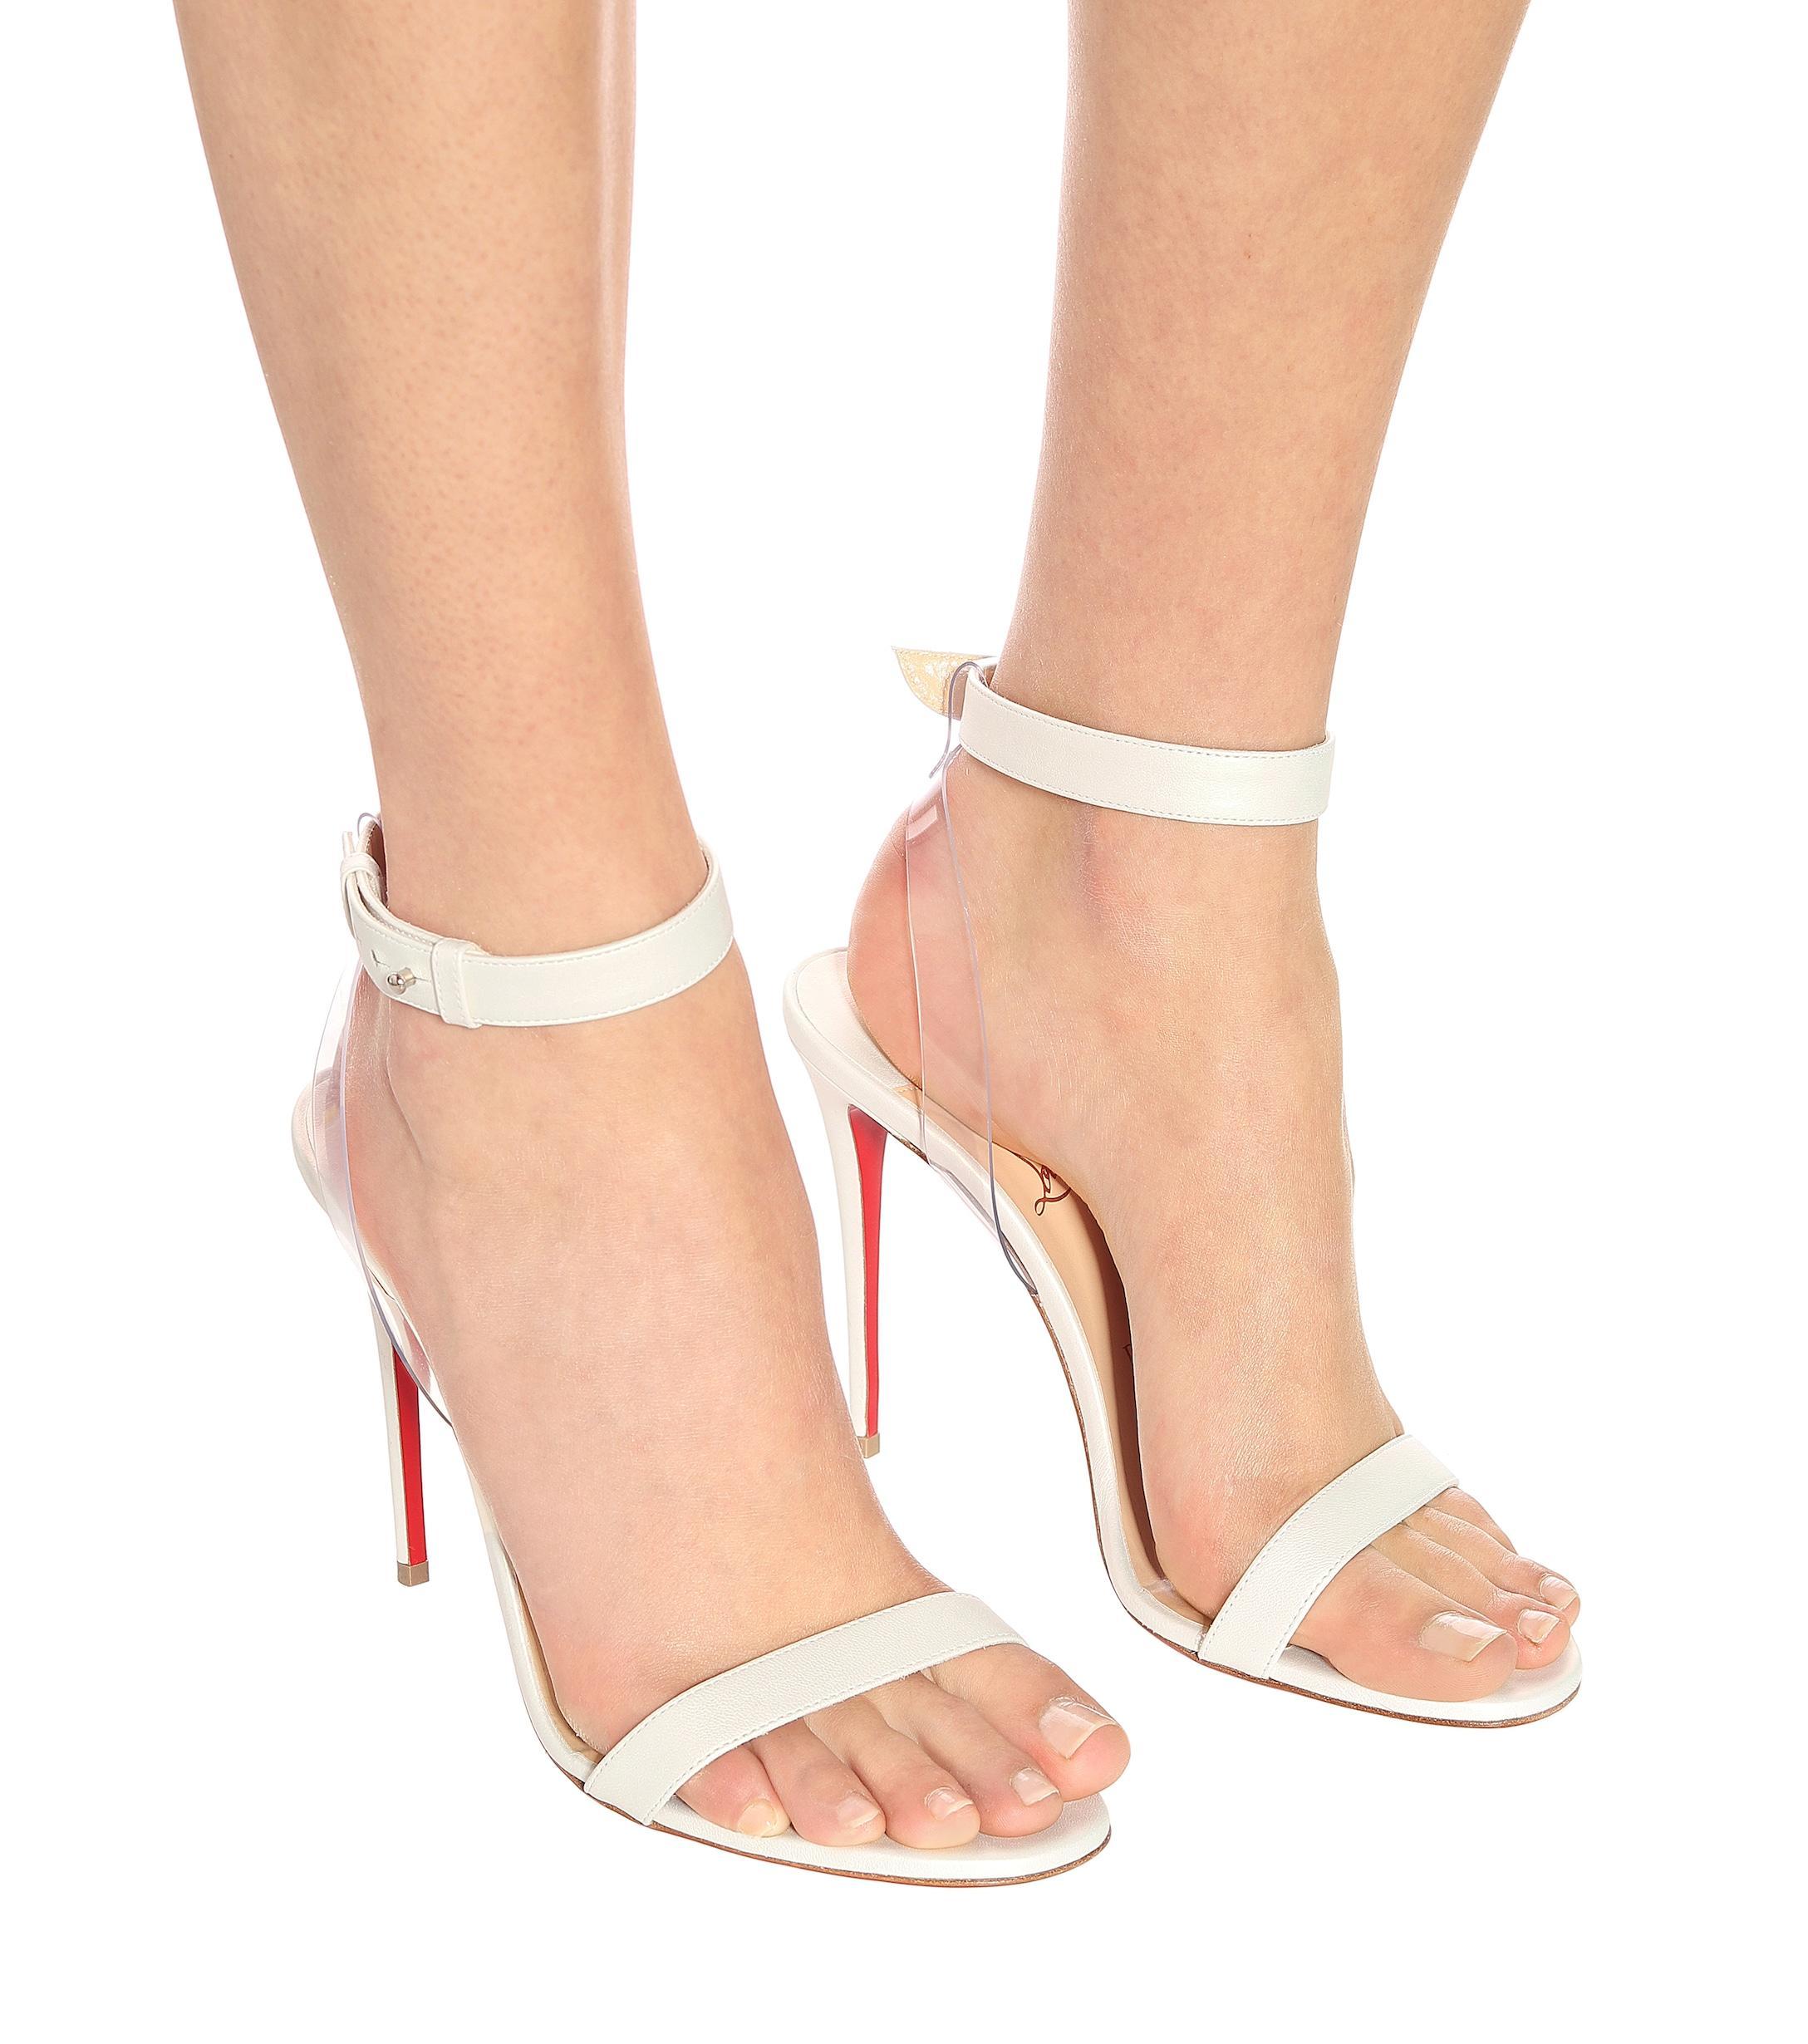 on sale f3f1b d8ca0 Women's Jonatina 100 Leather Sandals